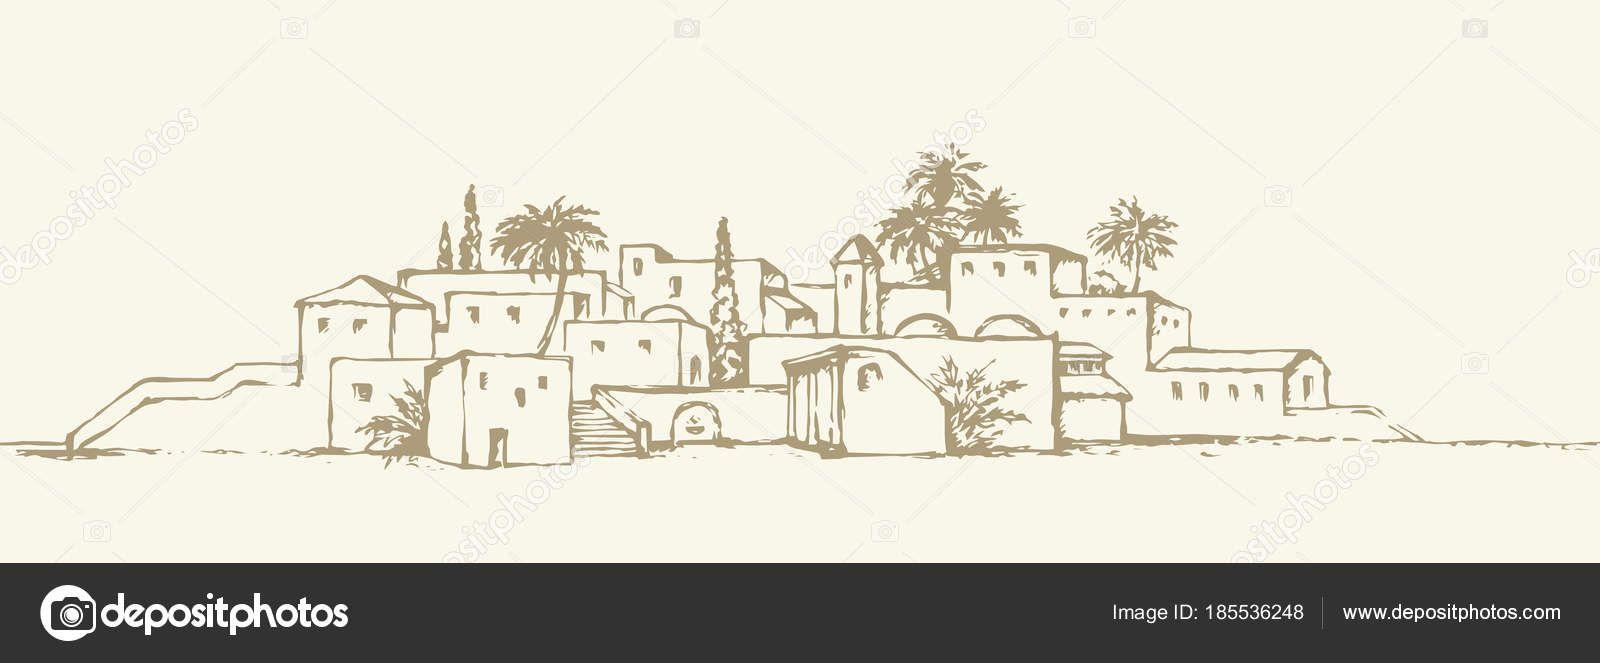 Stadt In Der Wüste Vektor Zeichenprogramm Stockvektor Vektorzeichnung Zeichenprogramme Zeichnungen